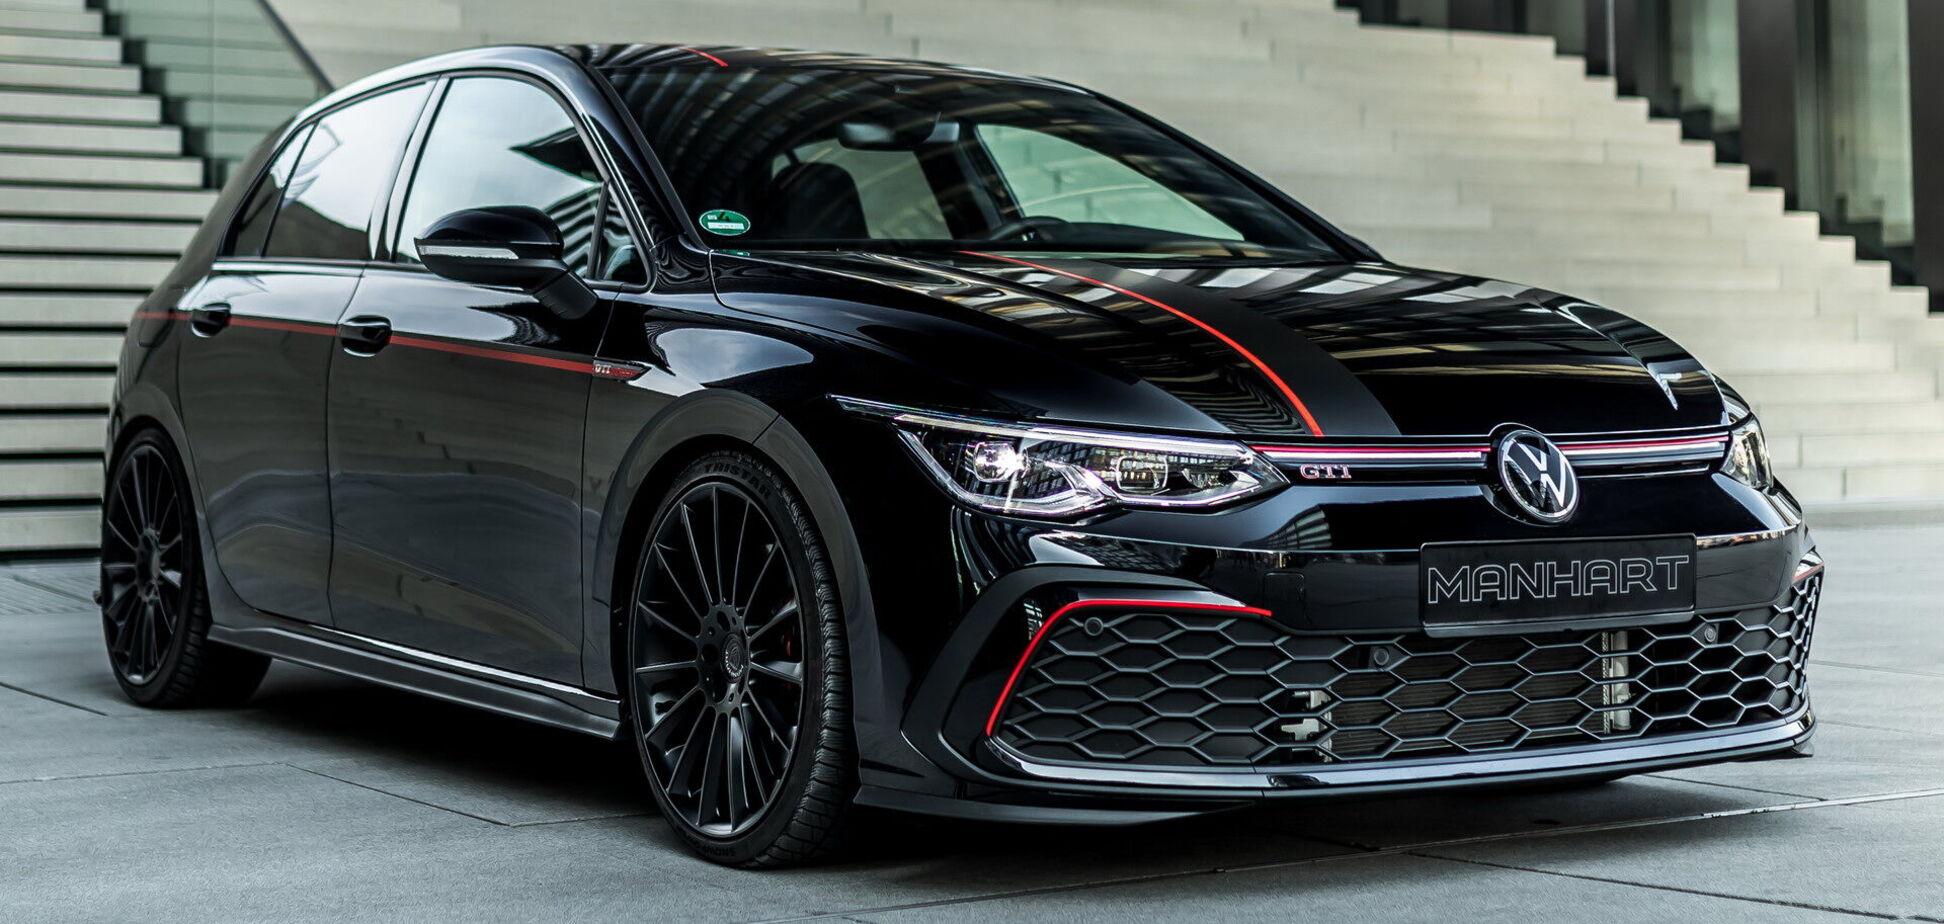 Ателье Manhart добавило Golf GTI опцию в стиле Rolls-Royce